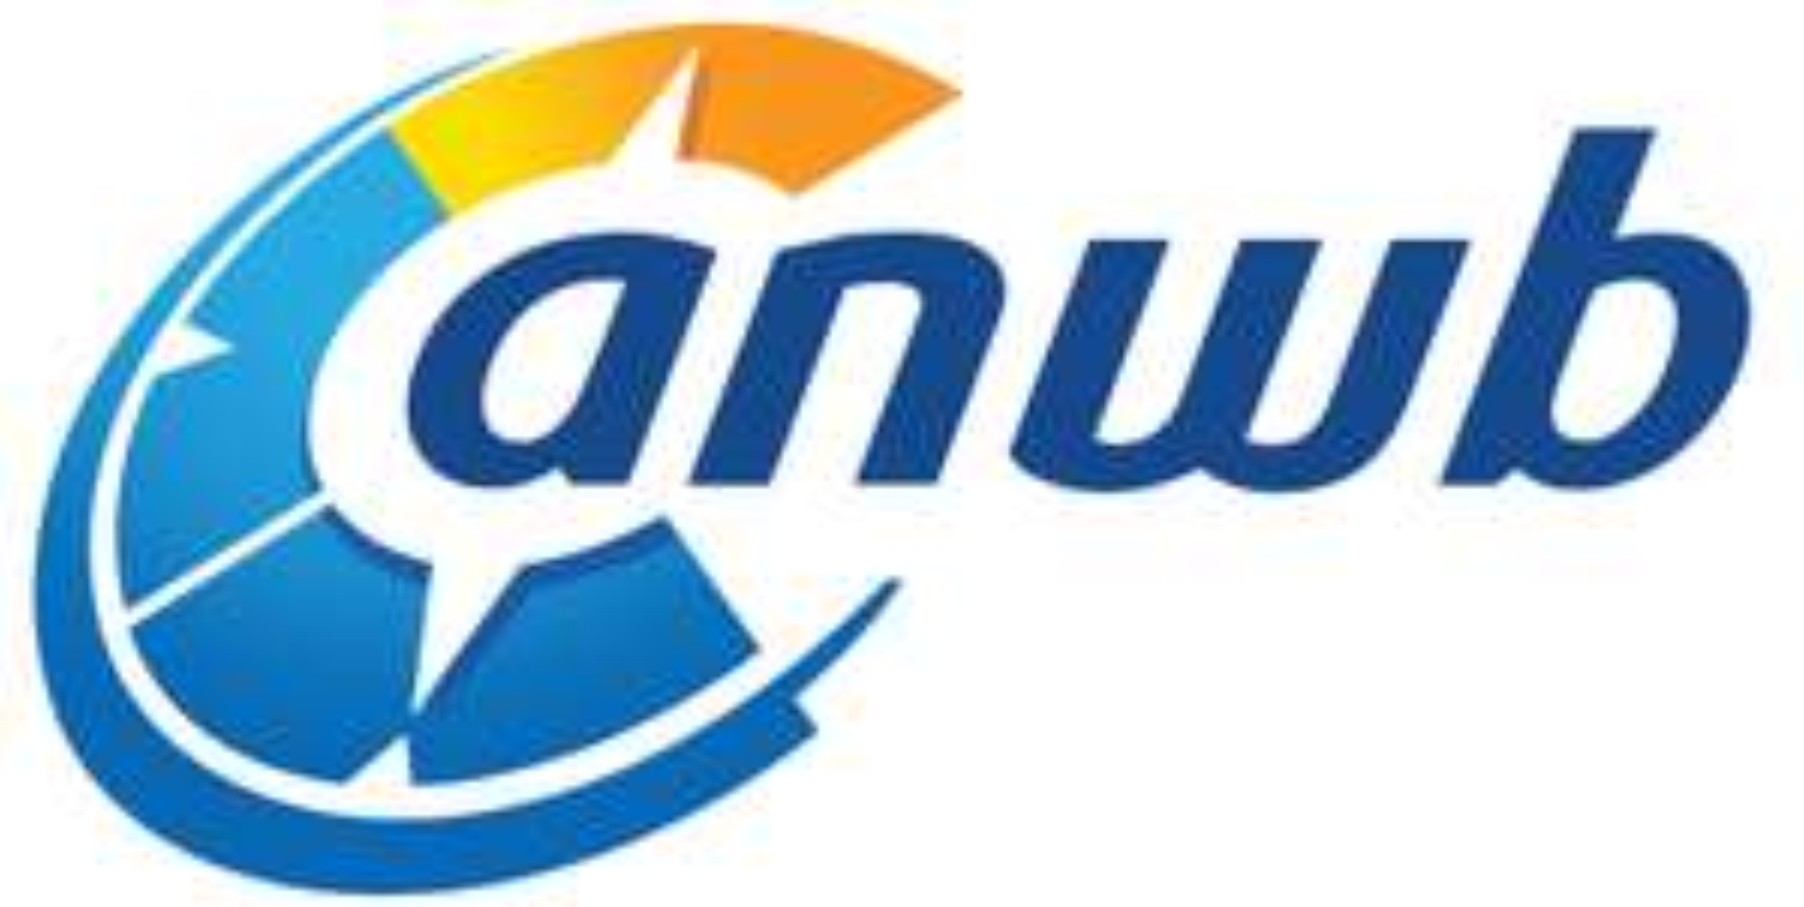 5/30/75 eur tegoed bij ANWB prepaid/Visa (jongeren)/Gold card. (alleen ANWB leden).